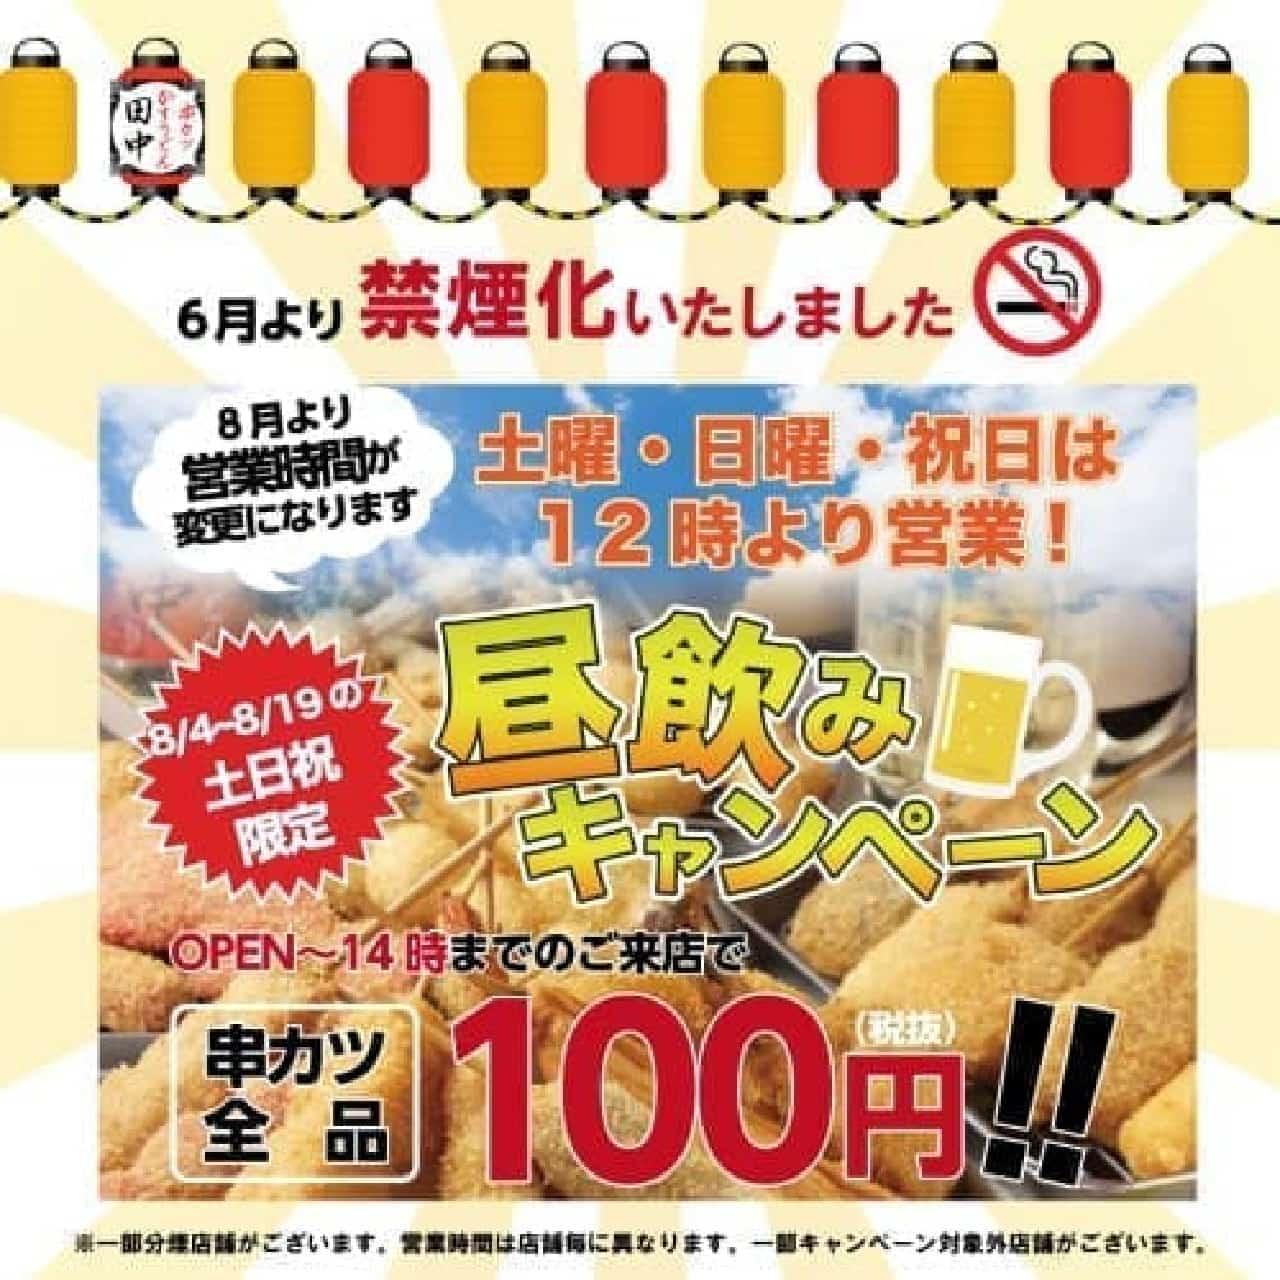 串カツ田中で「串カツ108円均一 昼飲みキャンペーン」